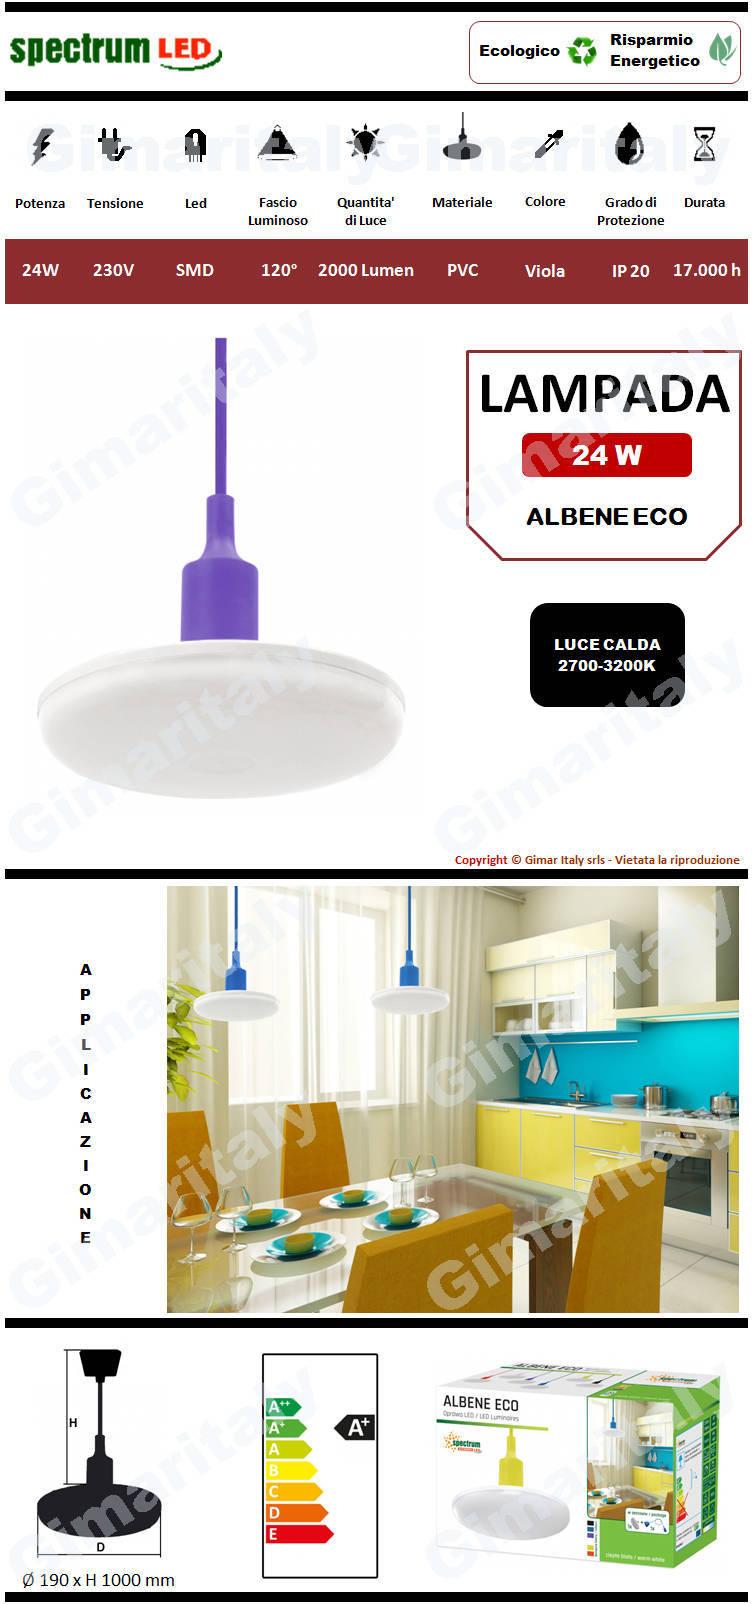 Lampadario Sospensione Led 24W Viola luce calda Spectrum